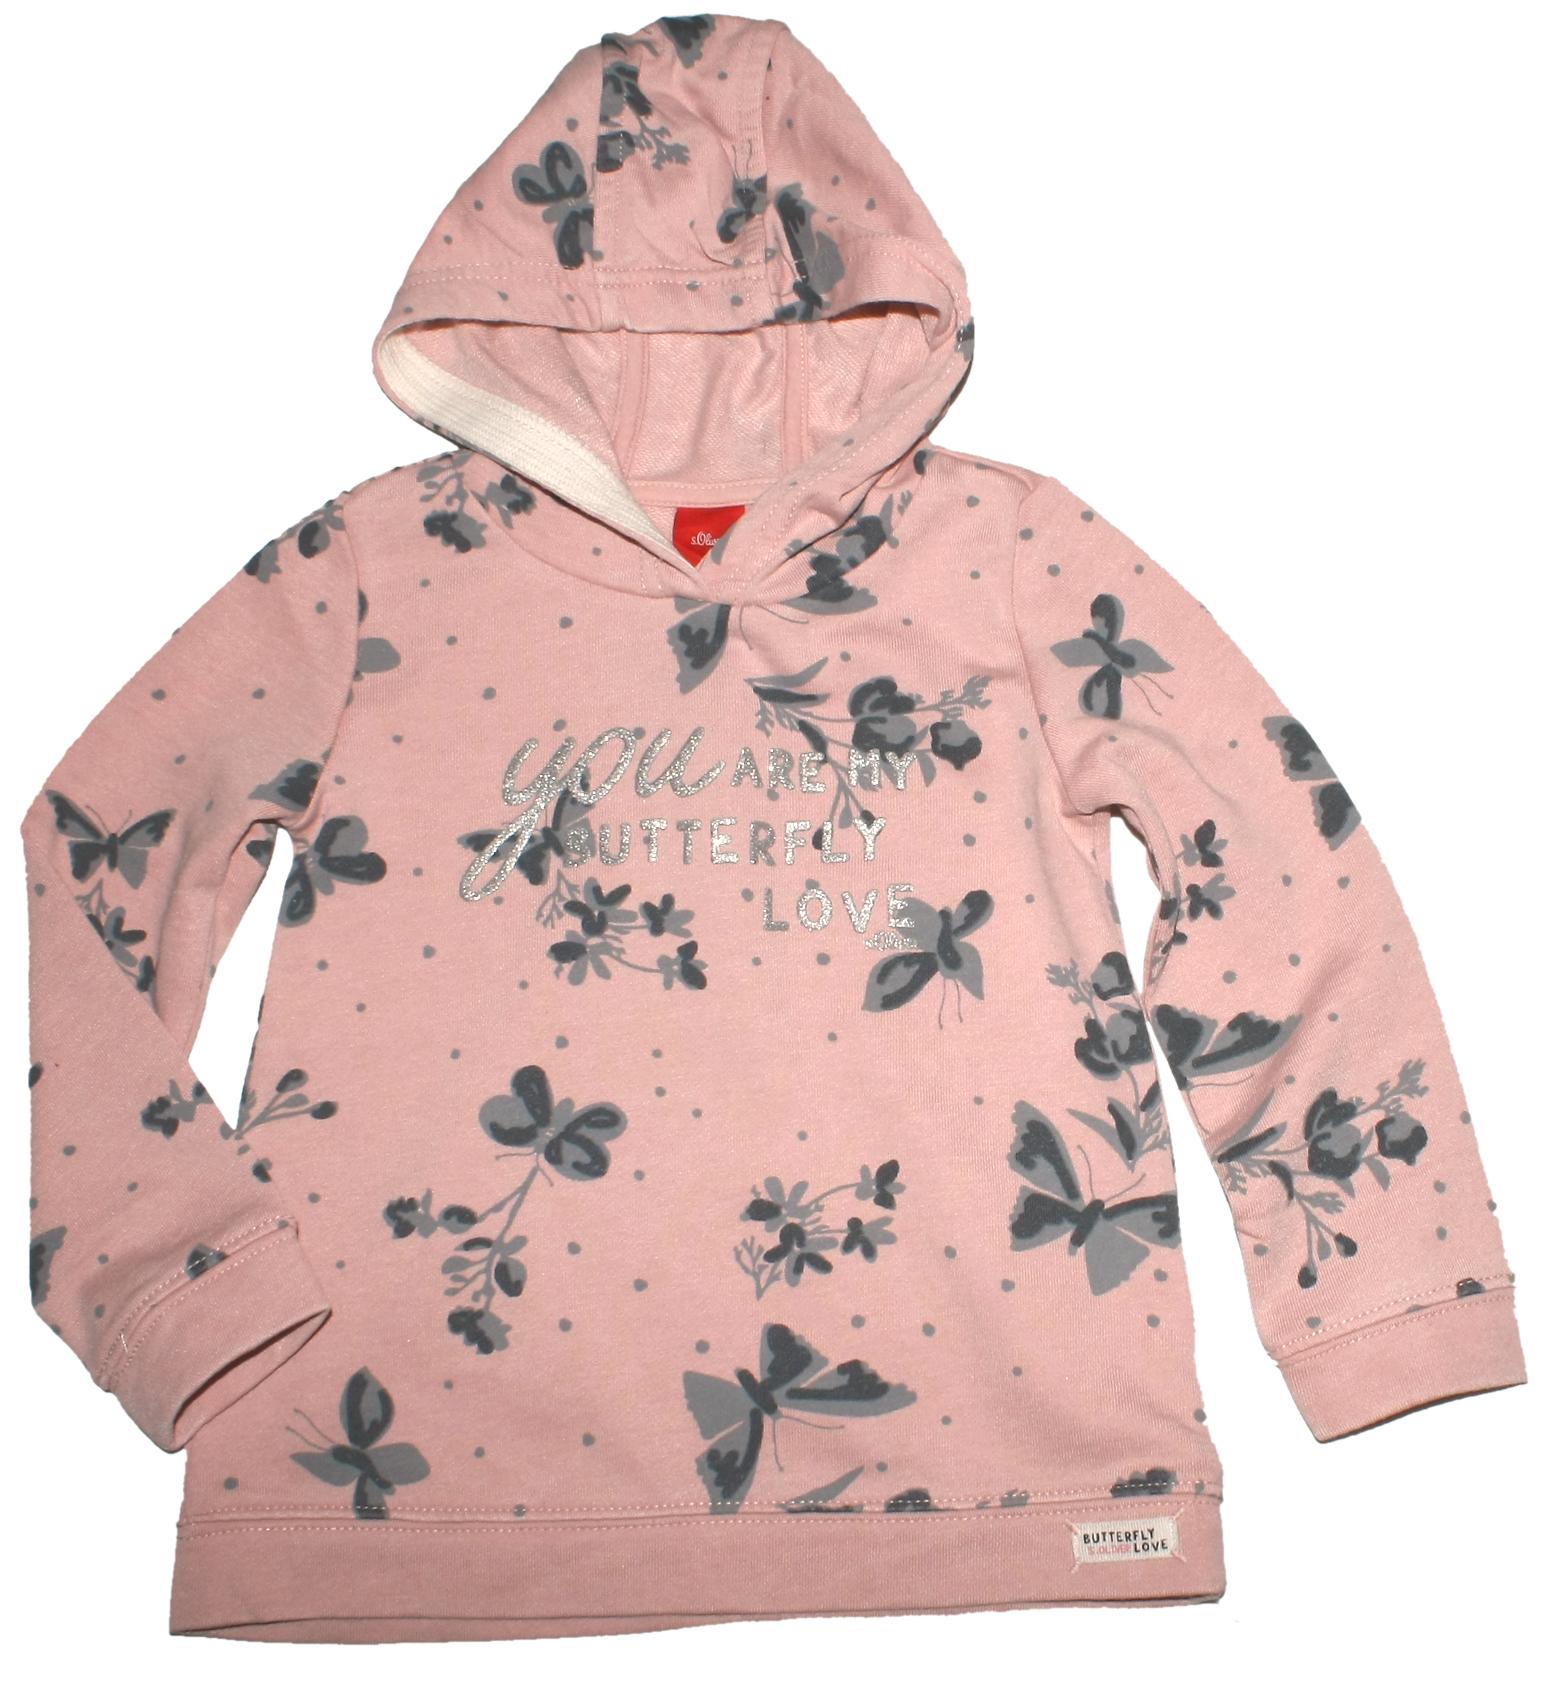 Oliver. Vorschau  Kapuzensweater A-Linie in Altrosé mit grauen  Schmetterlingen   Glitzerprint von S. ... f6e6ac4cd6